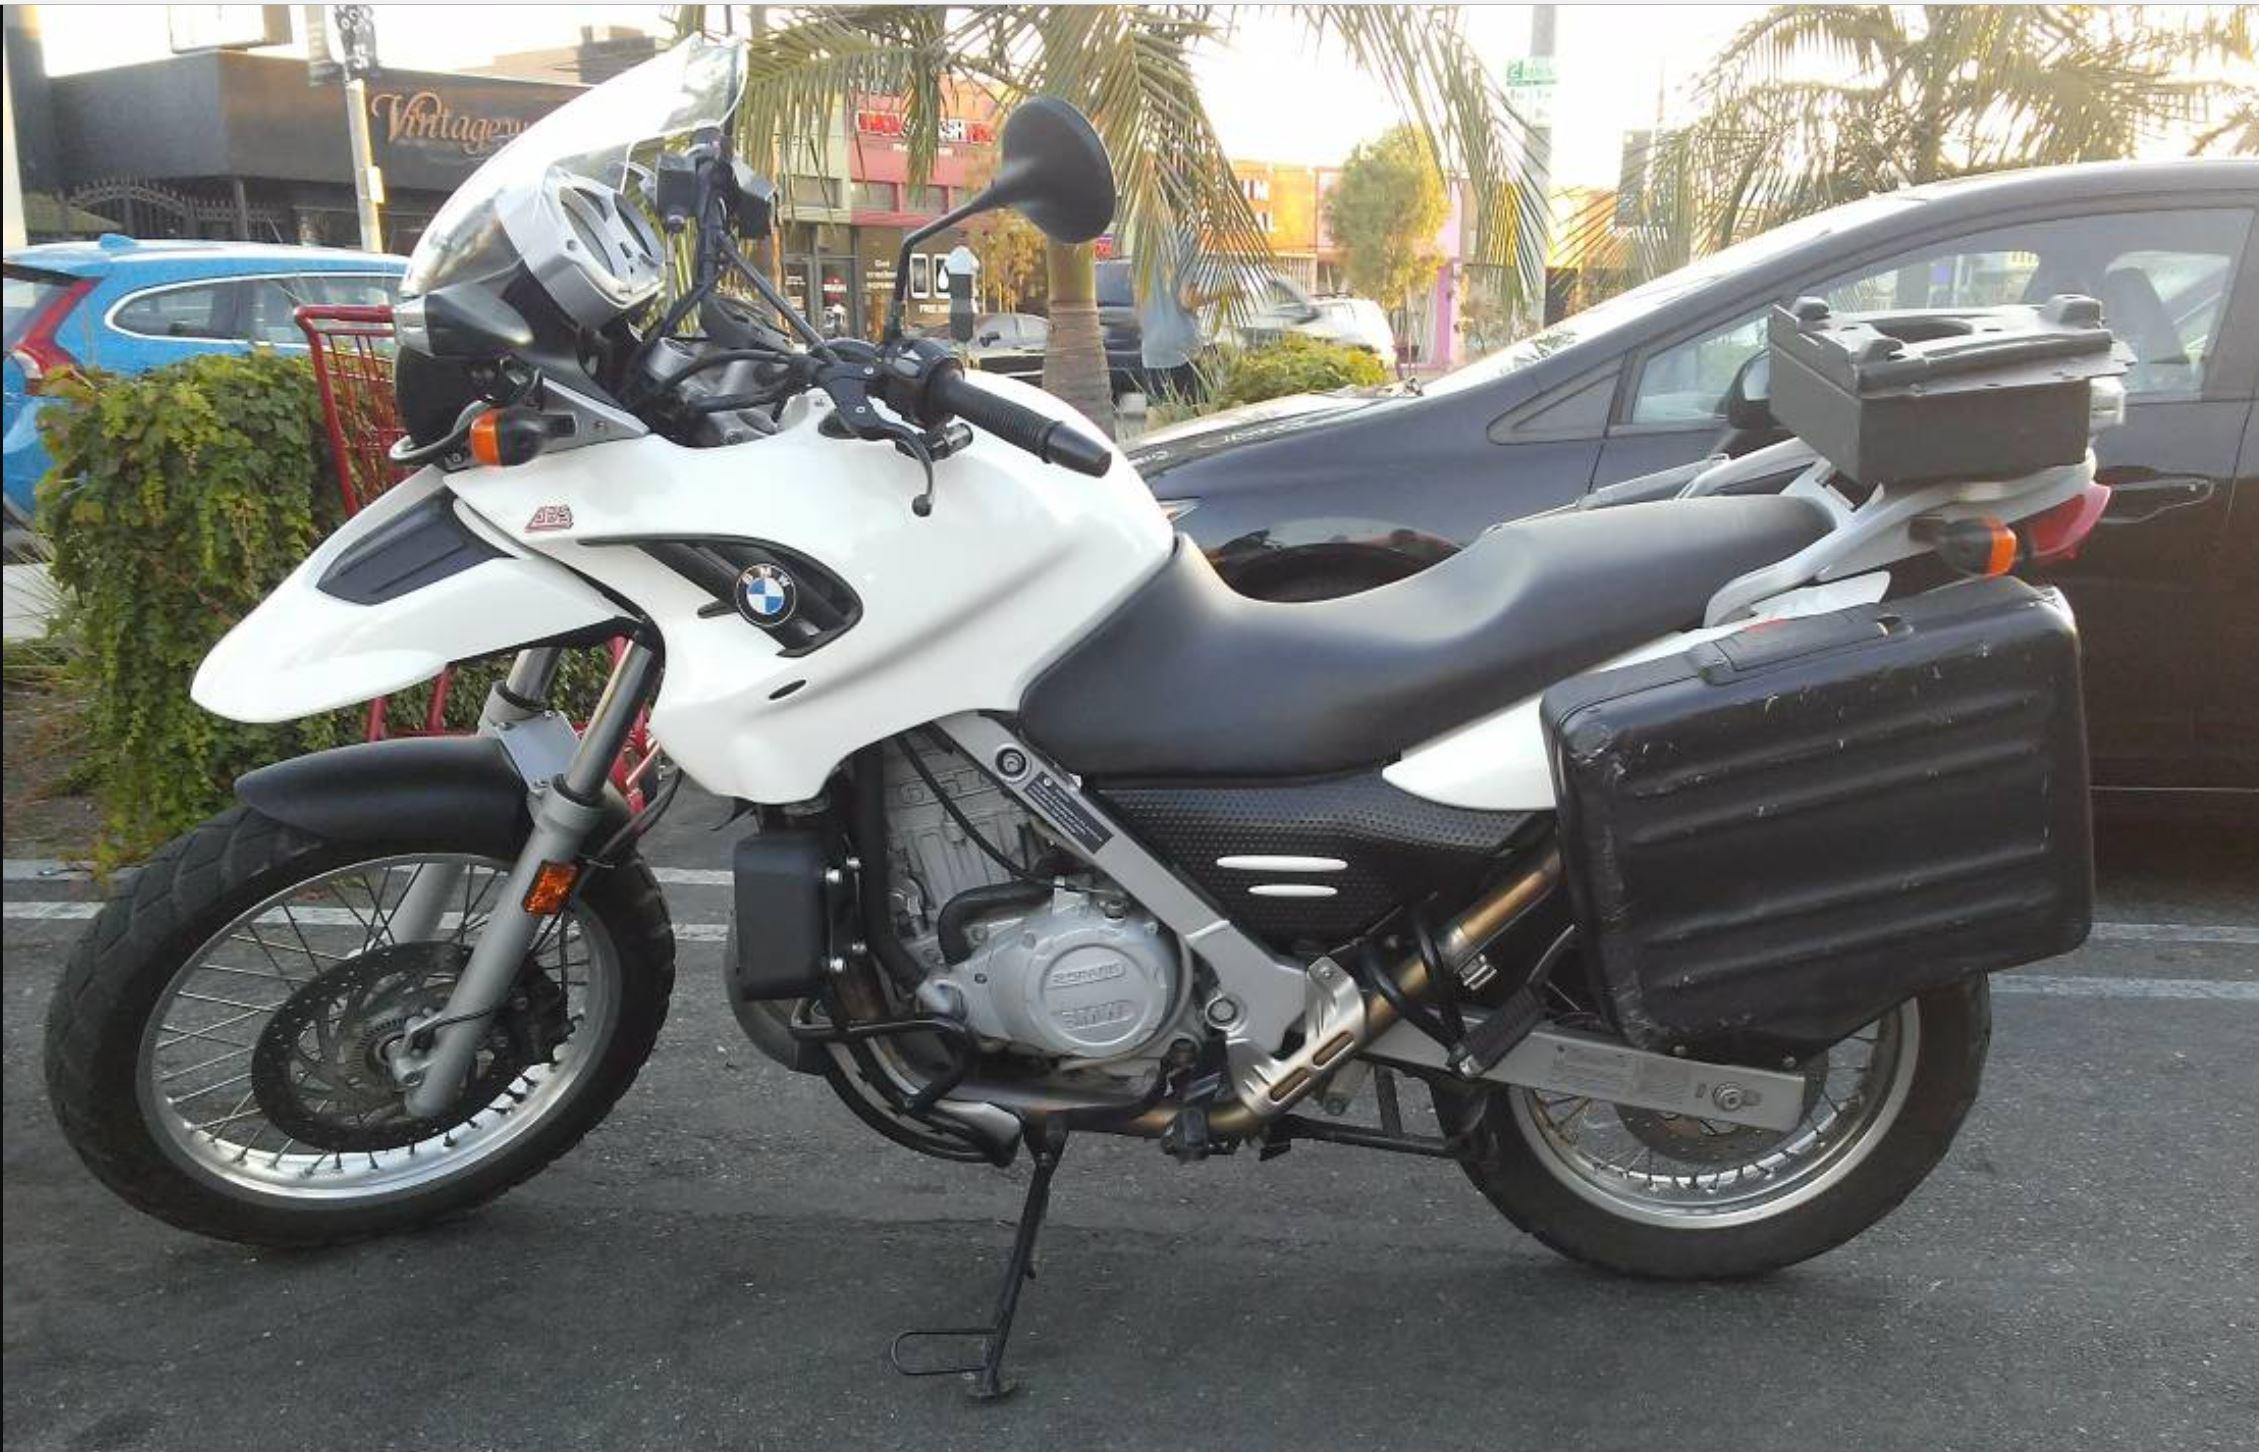 Start a Fleet – 16 California Police Motorcycles – Bike-urious